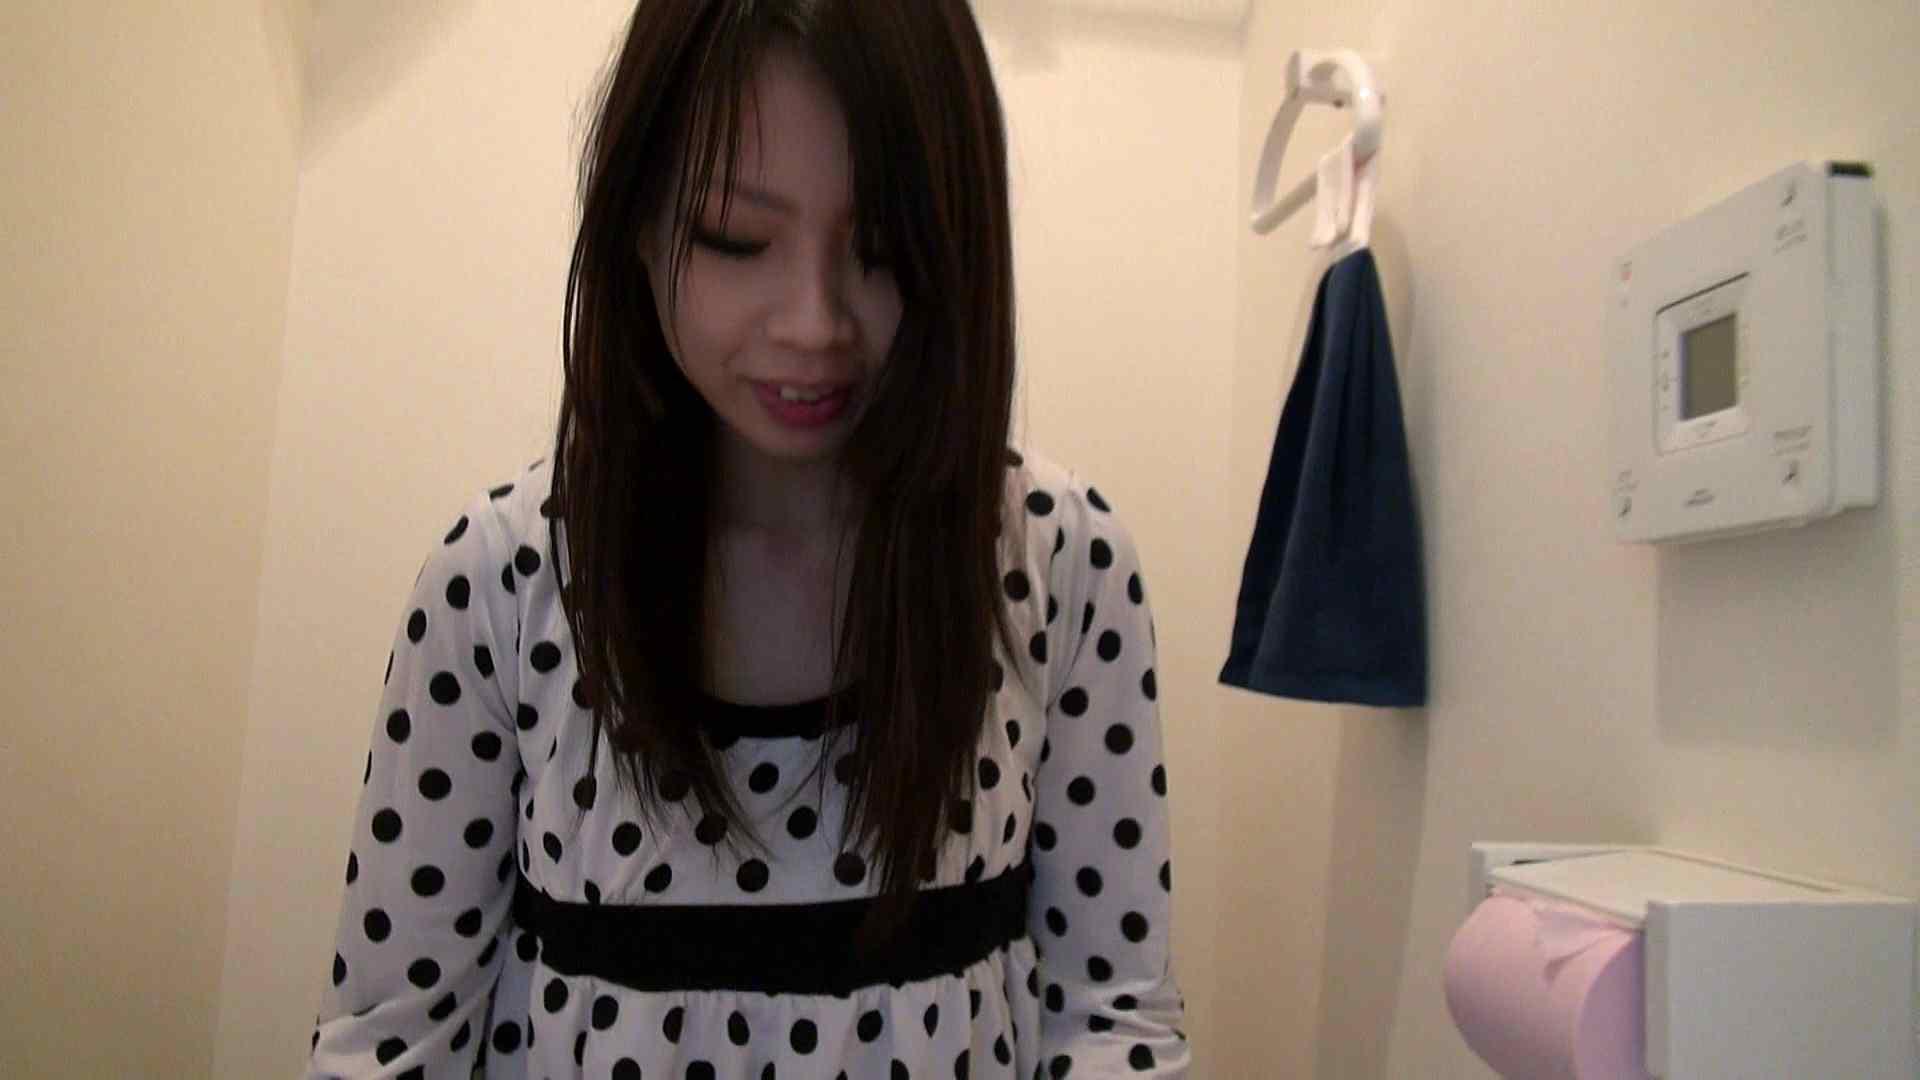 志穂さんにお手洗いに行ってもらいましょう 0 | 0  89画像 49